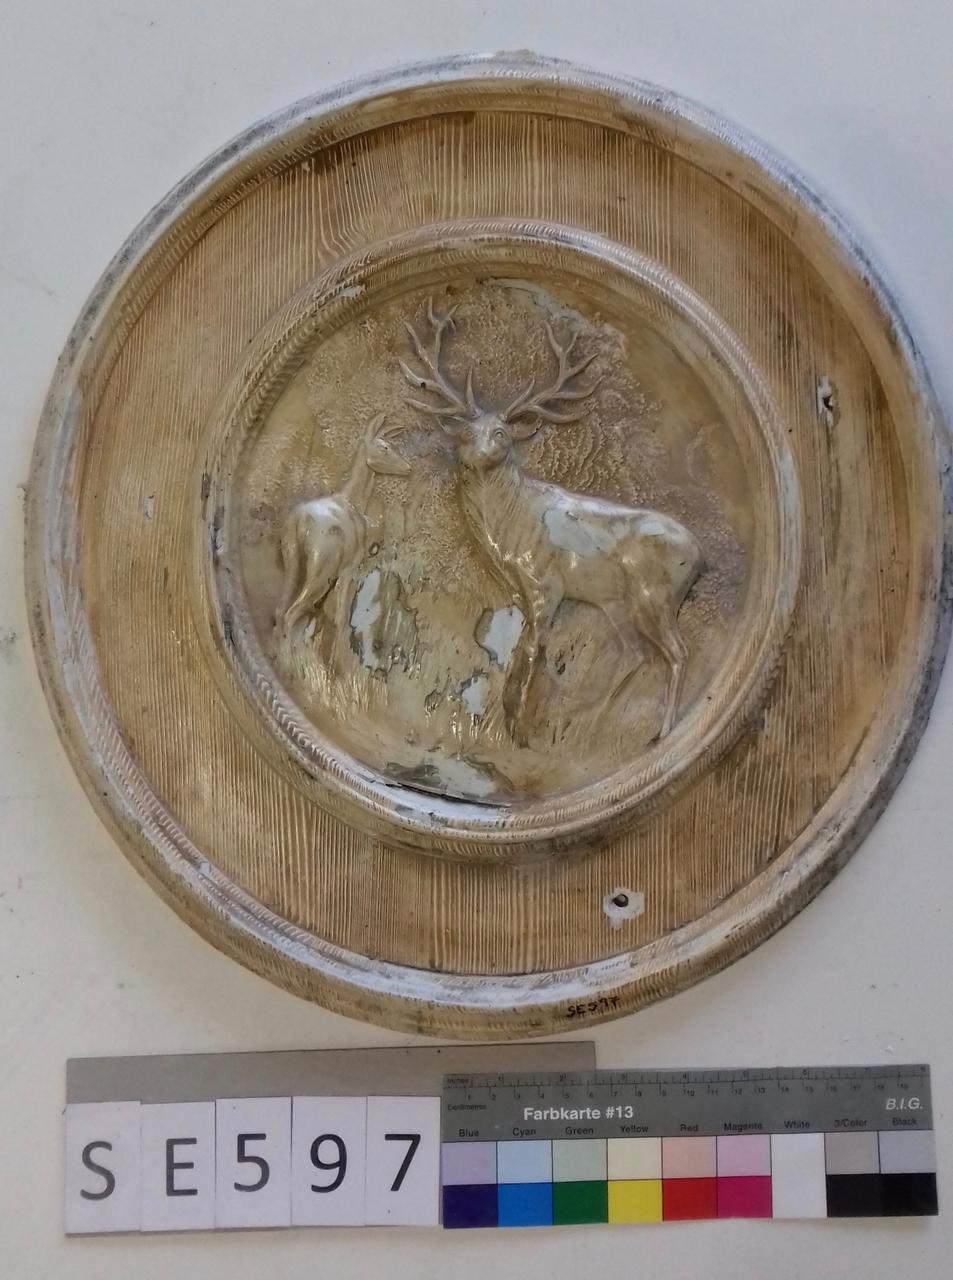 Mutterform ledige Kachel mit Hirsch und Hirschkuh